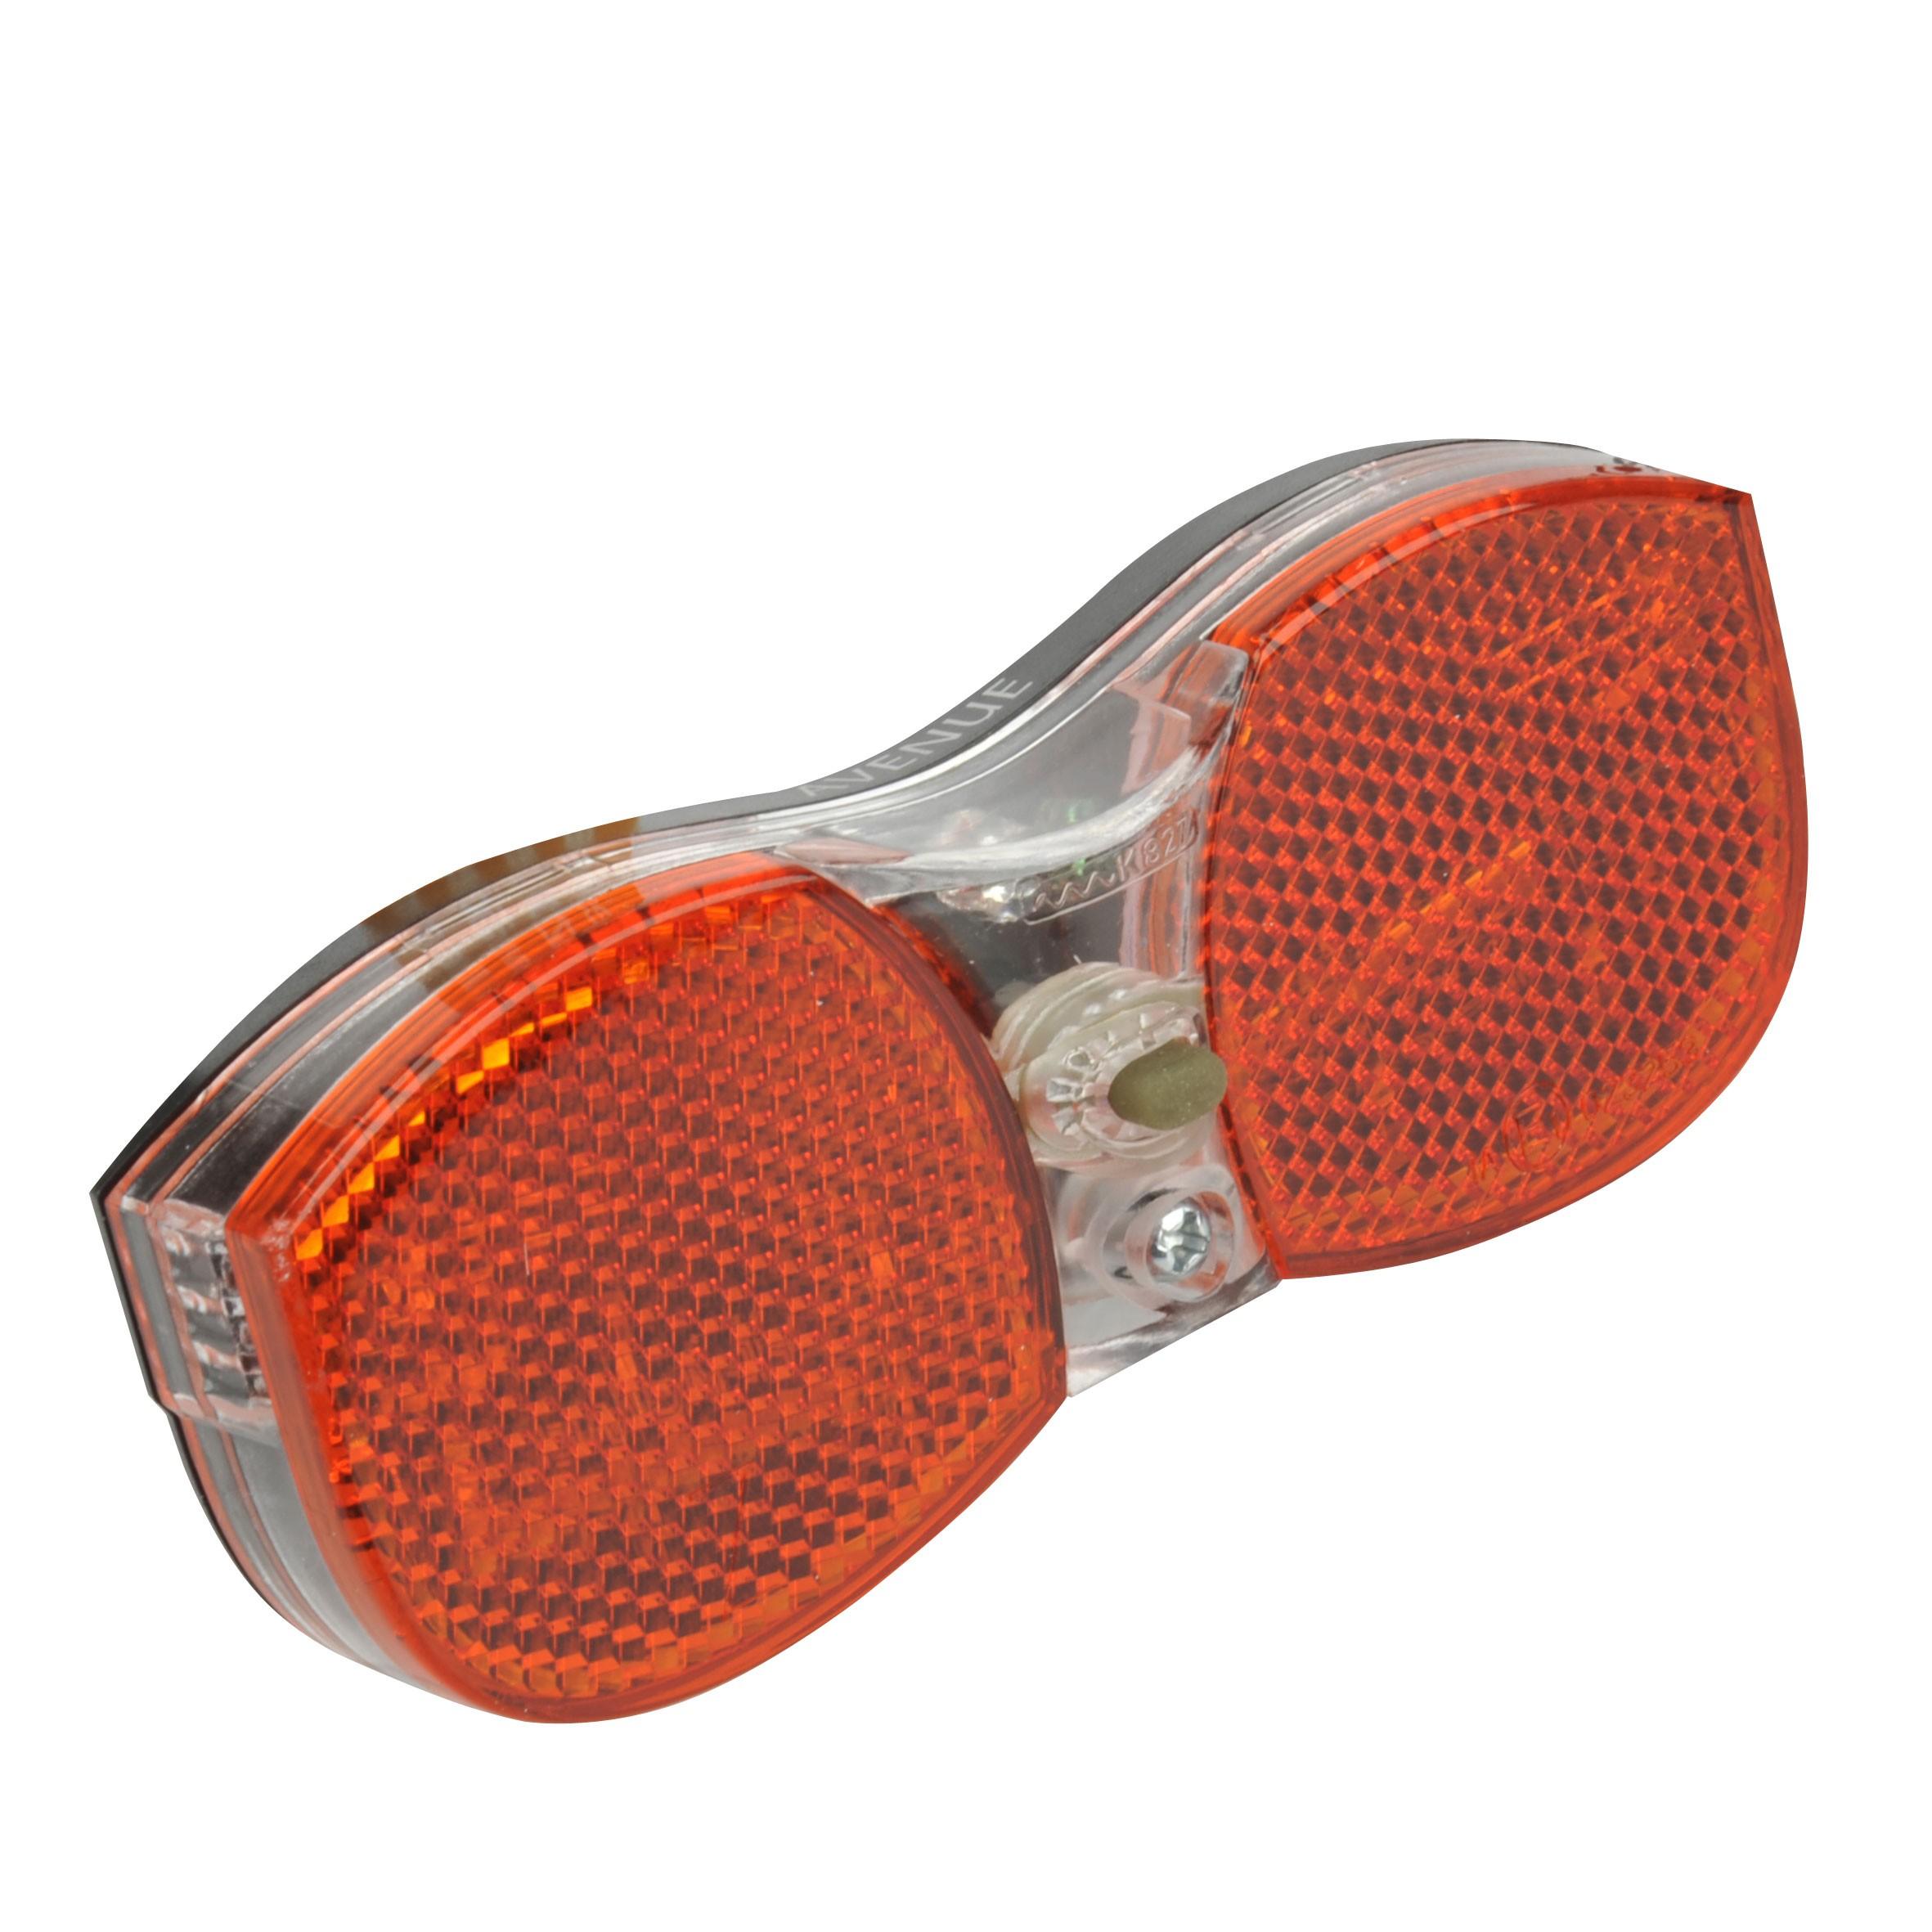 Fischer Fahrradbeleuchtung / LED Rückleuchte für Gepäckträger Bild 1